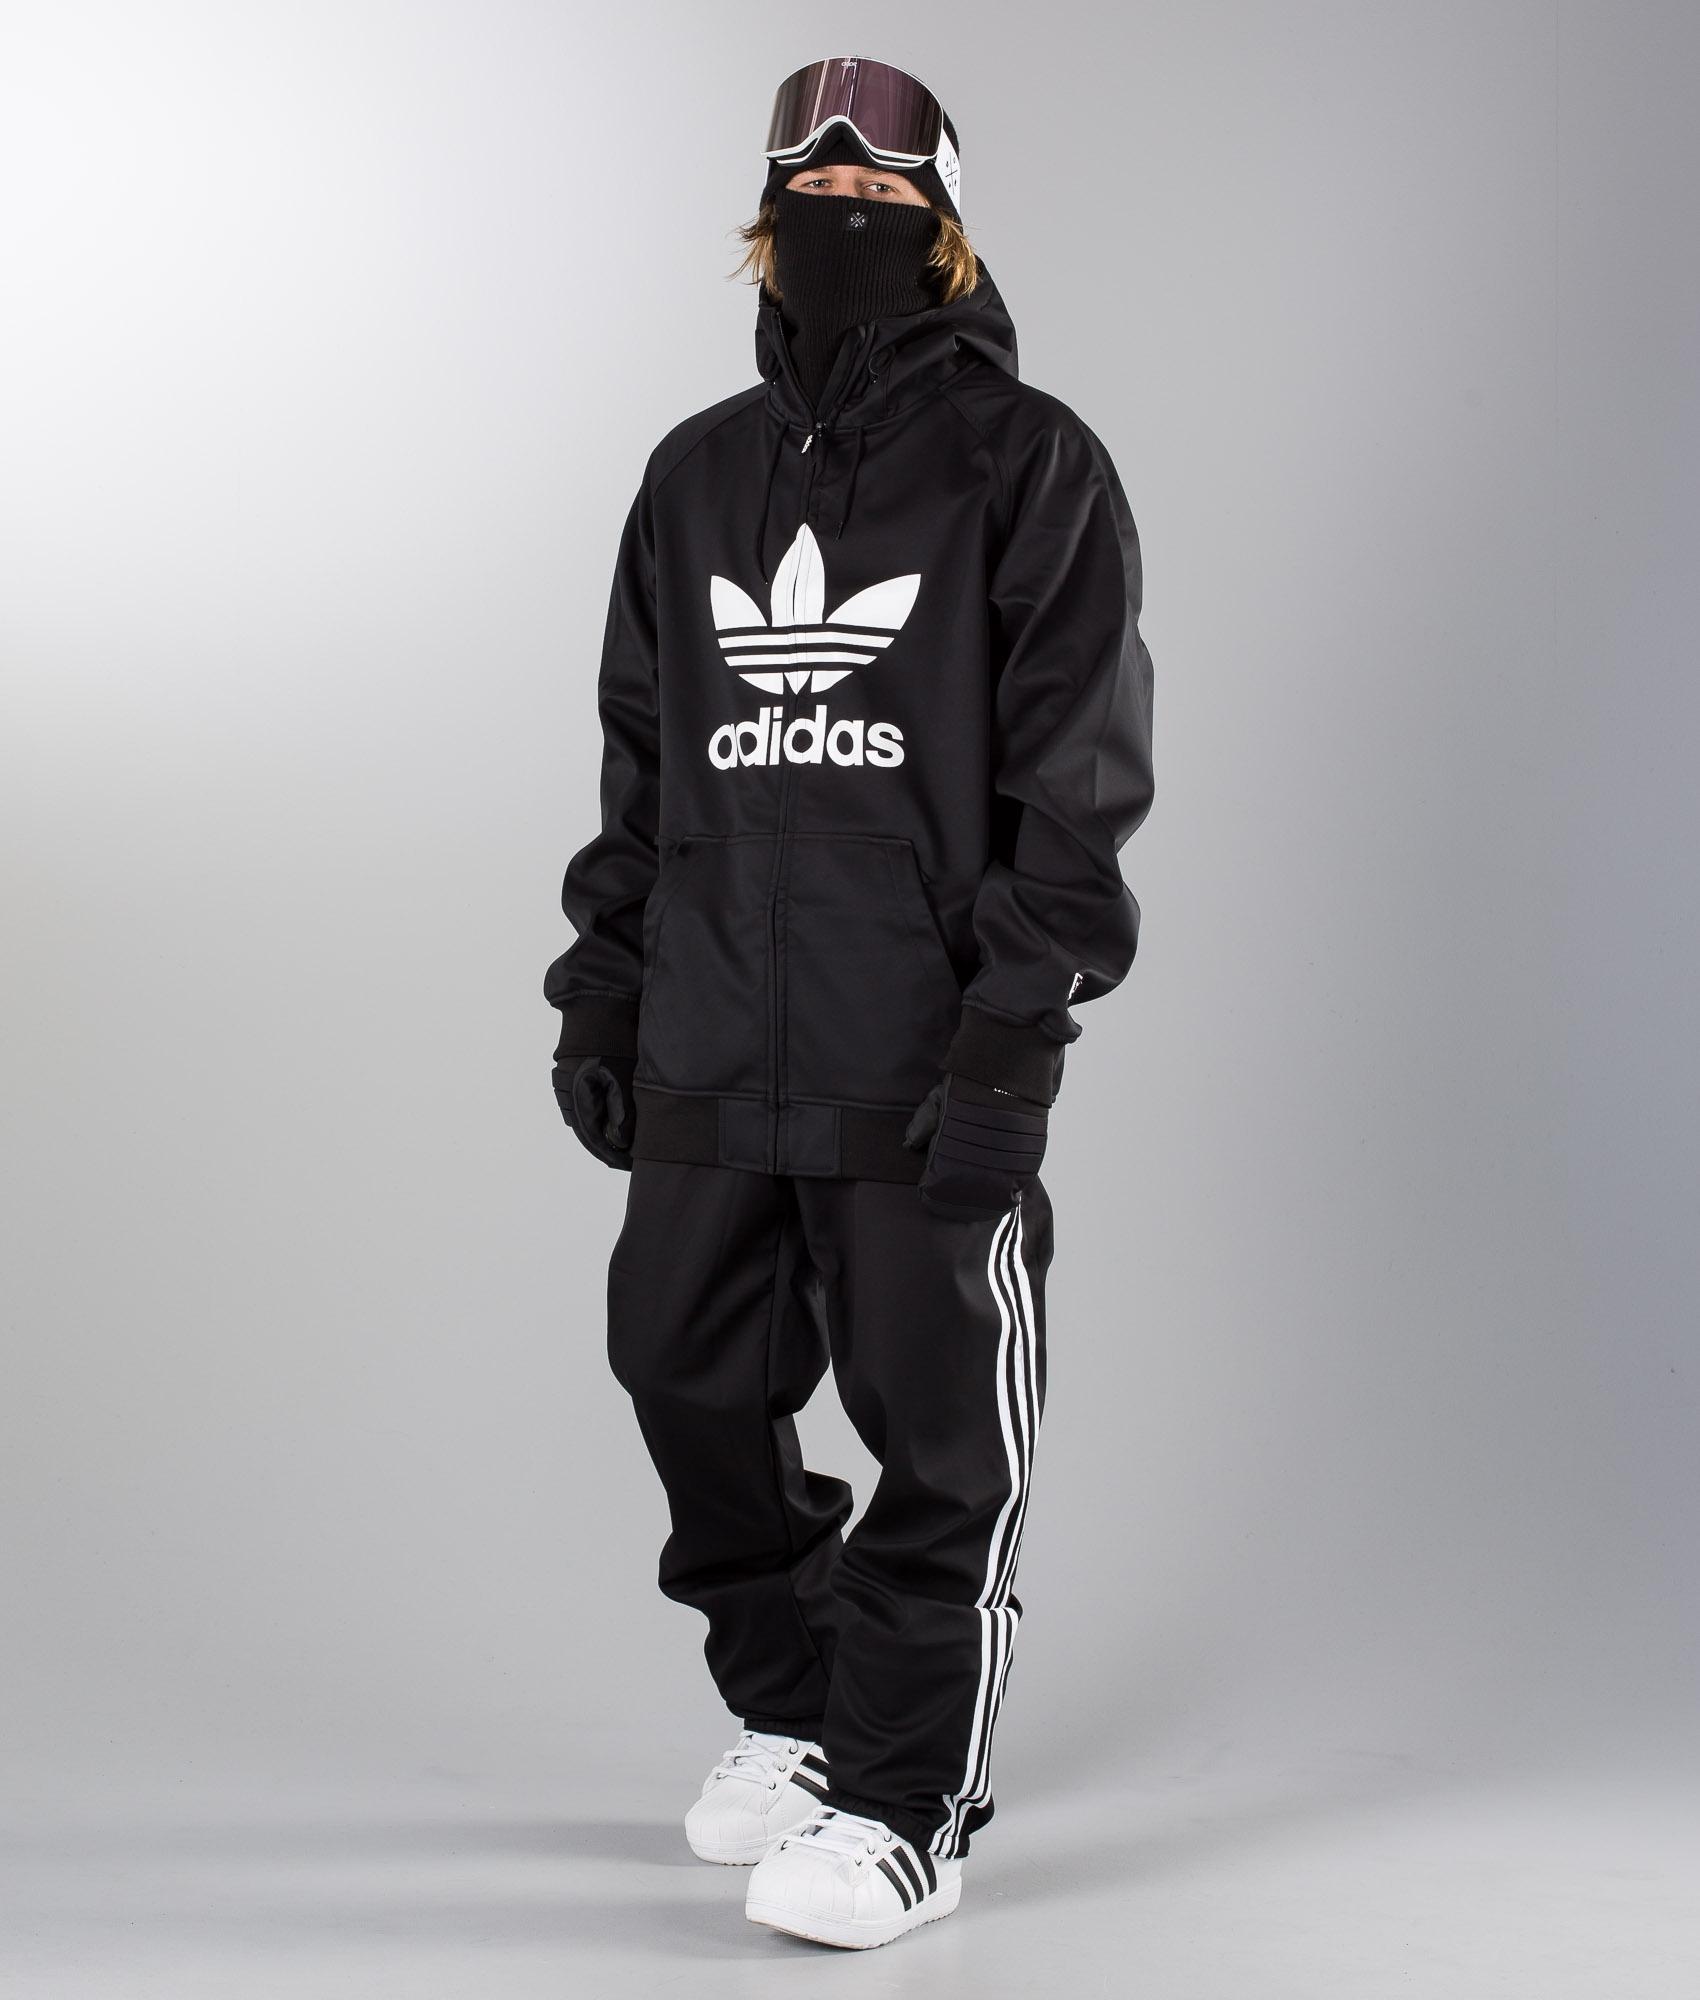 adidas abbigliamento sci